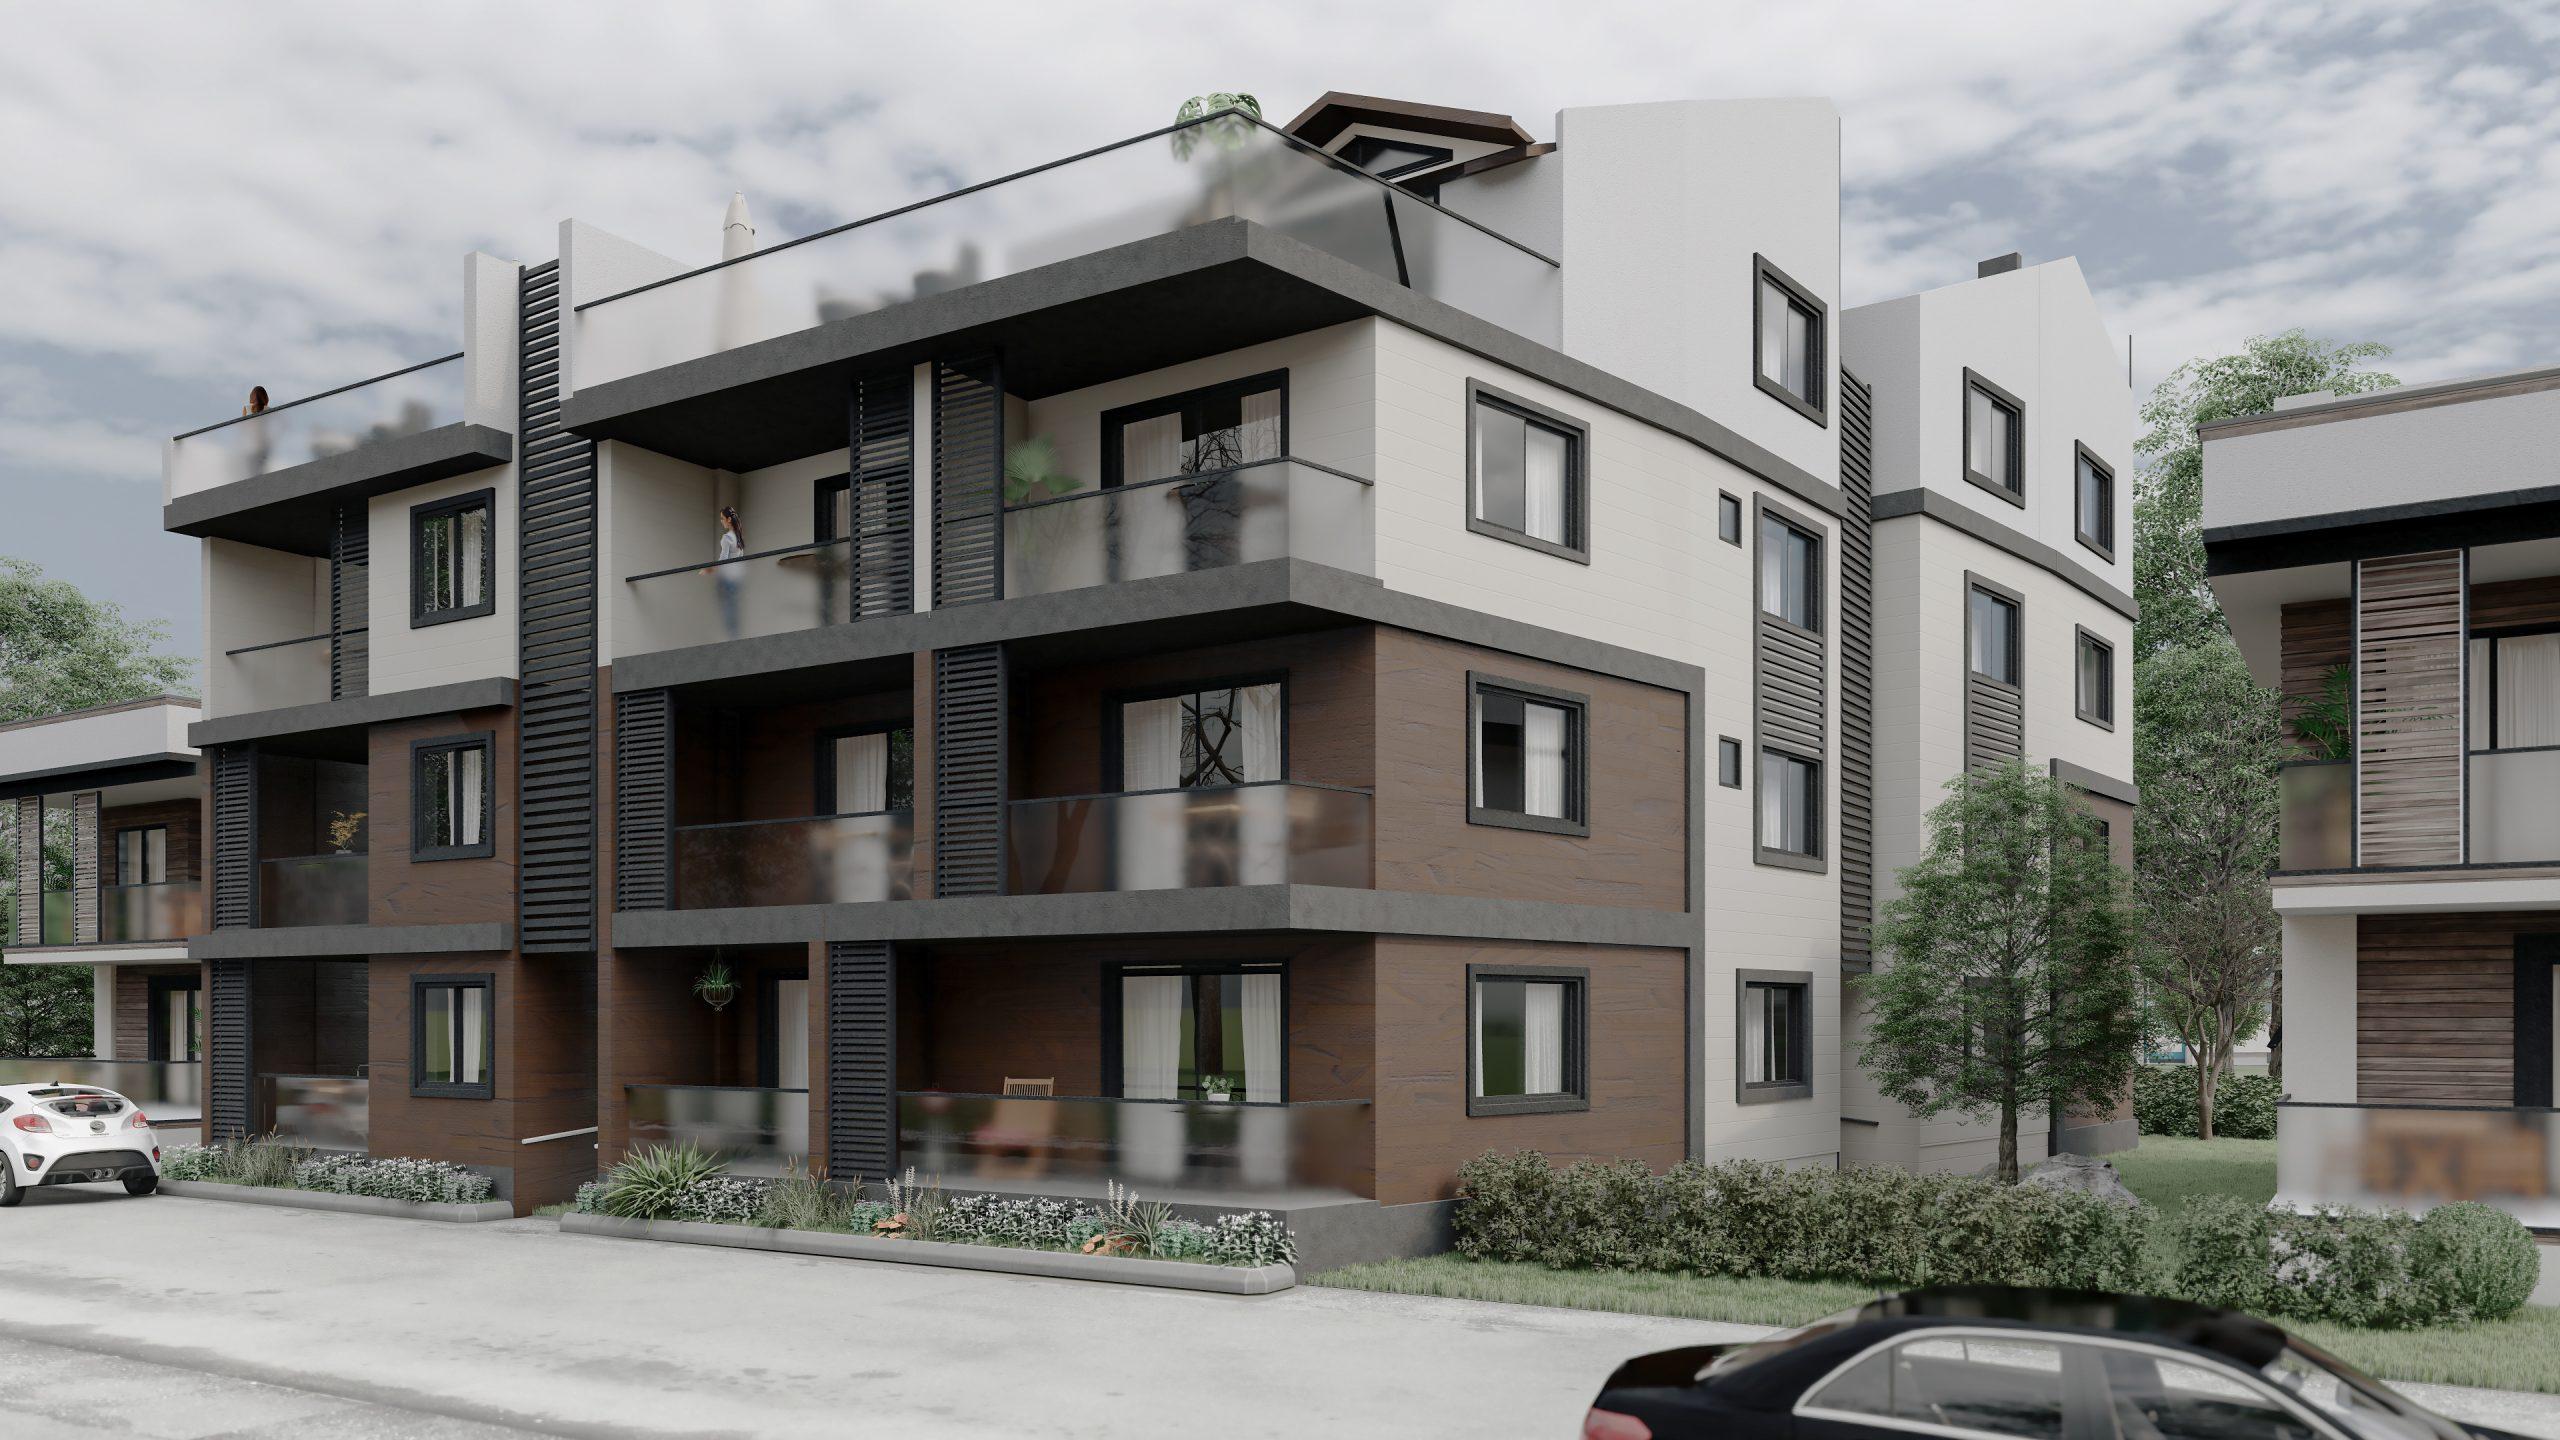 immobilien und architektur visualisierung